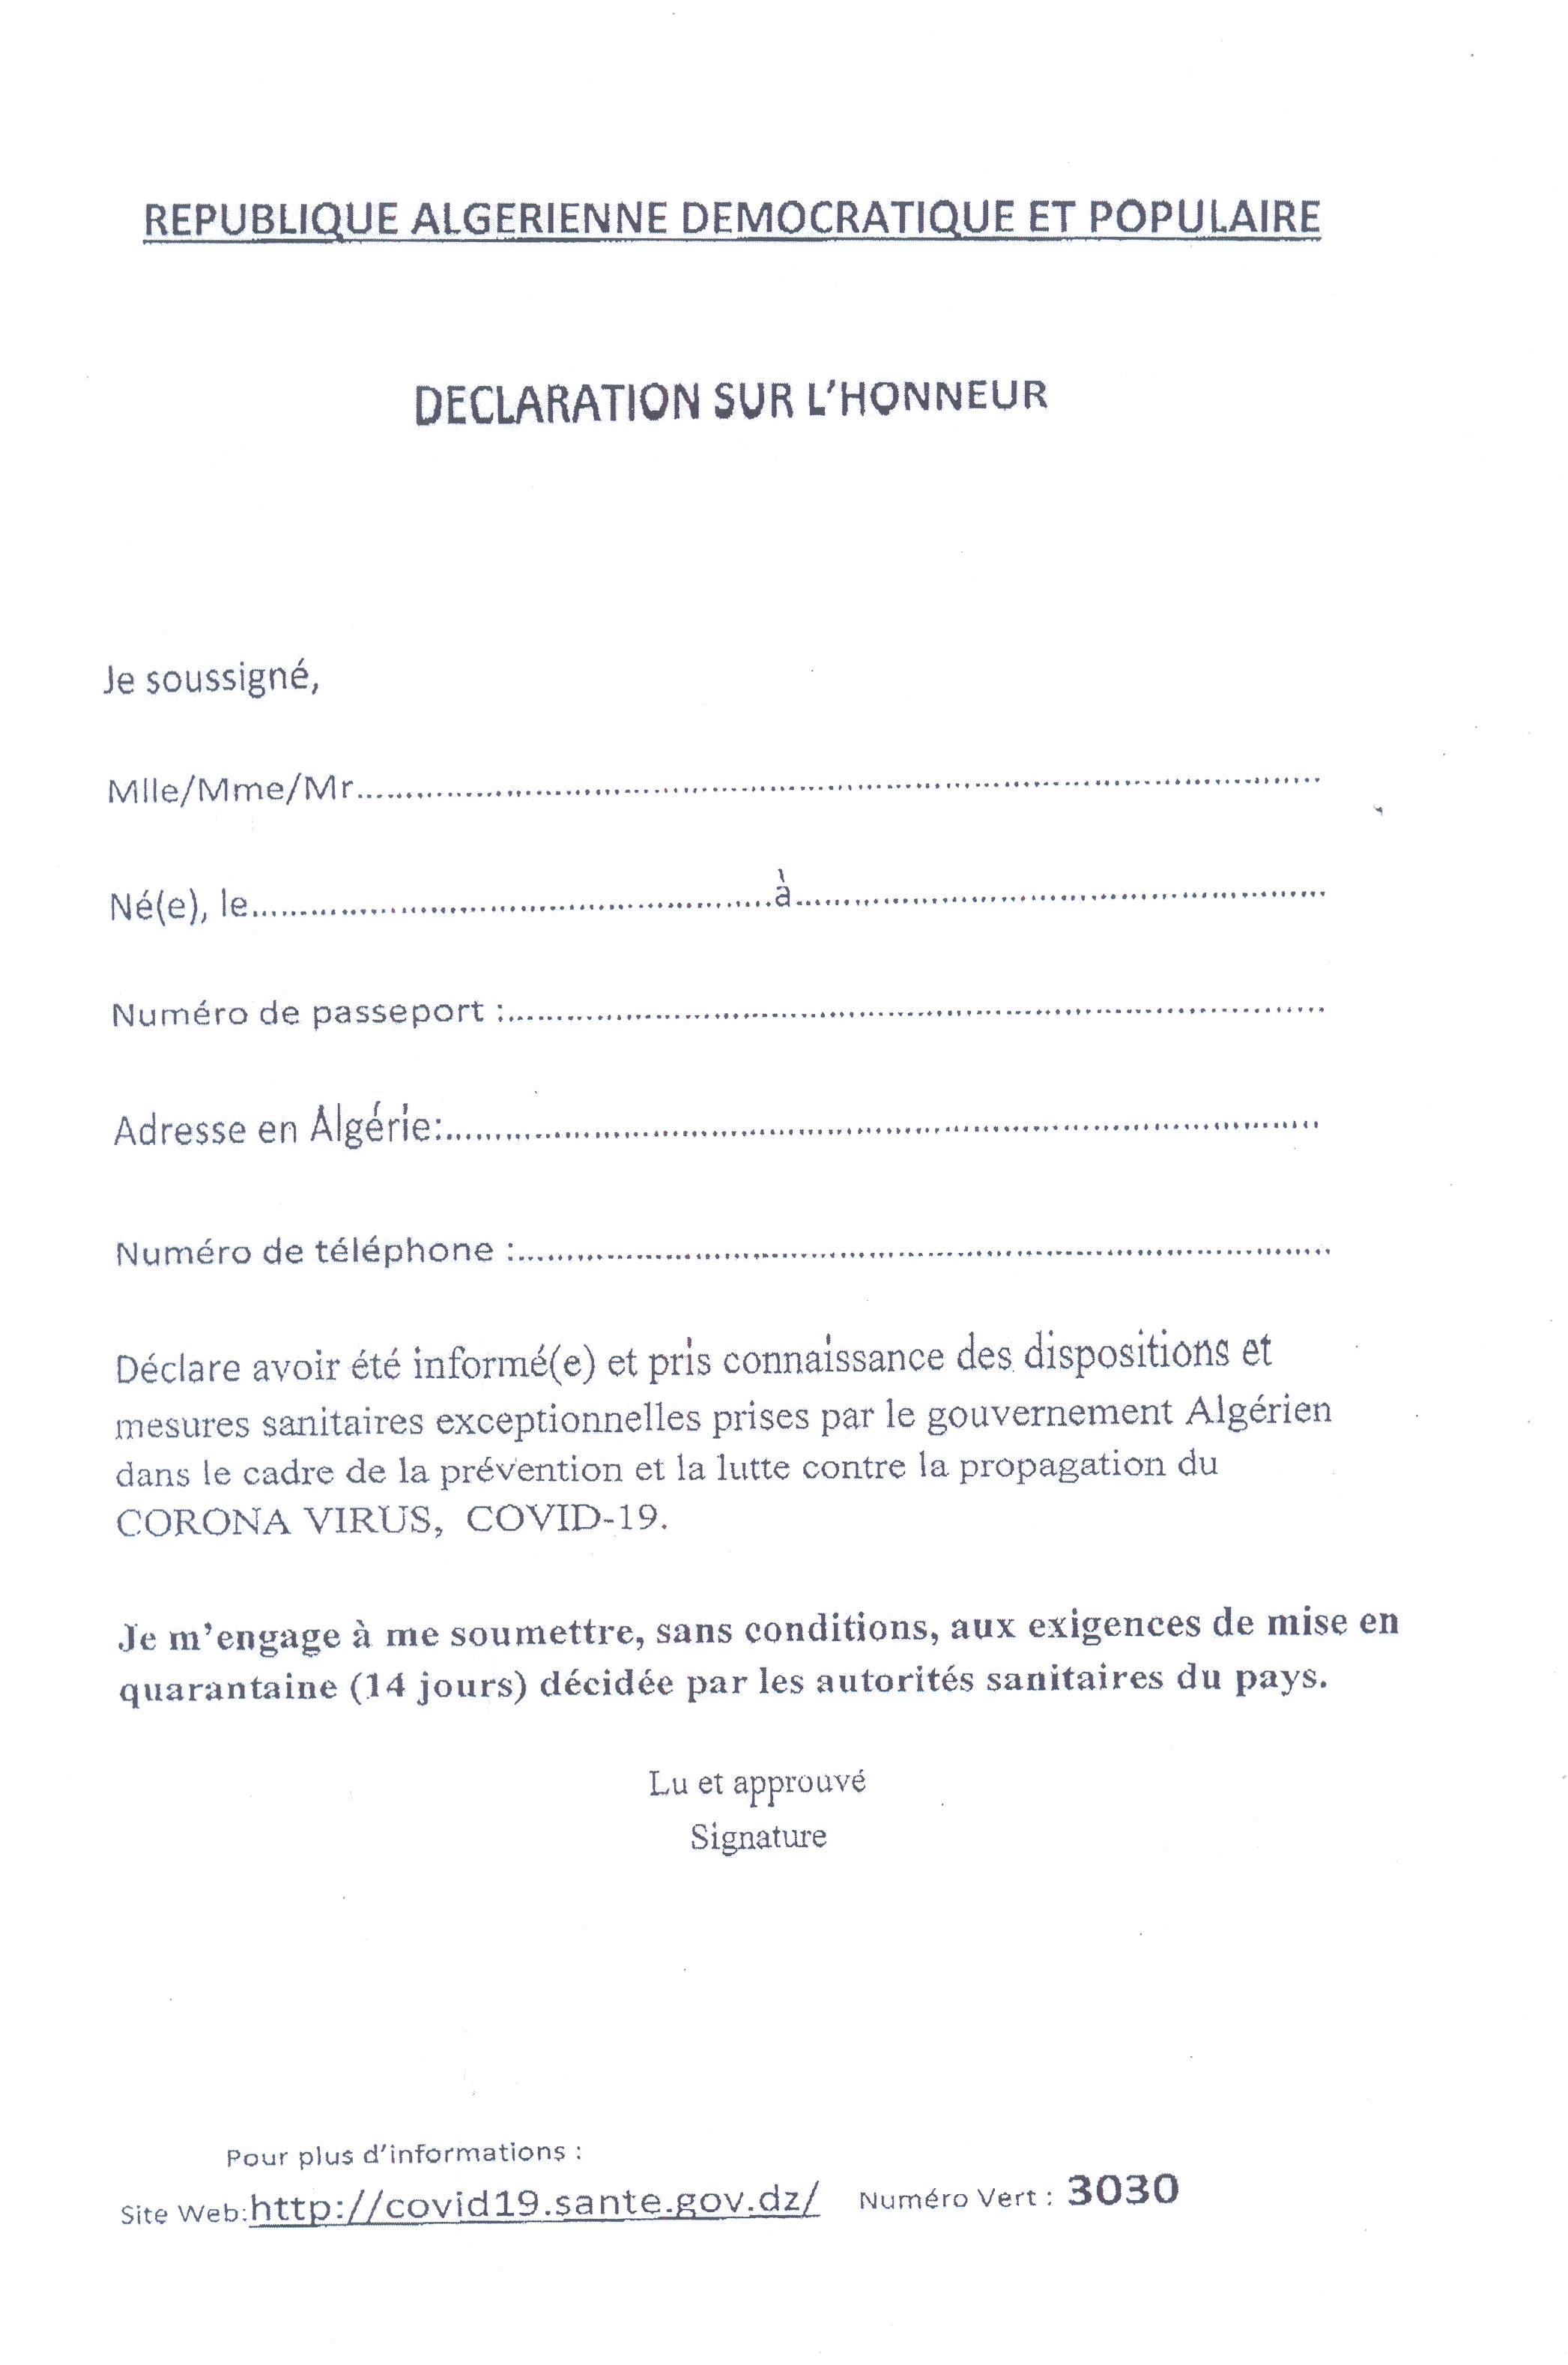 Pj communiquer declaration